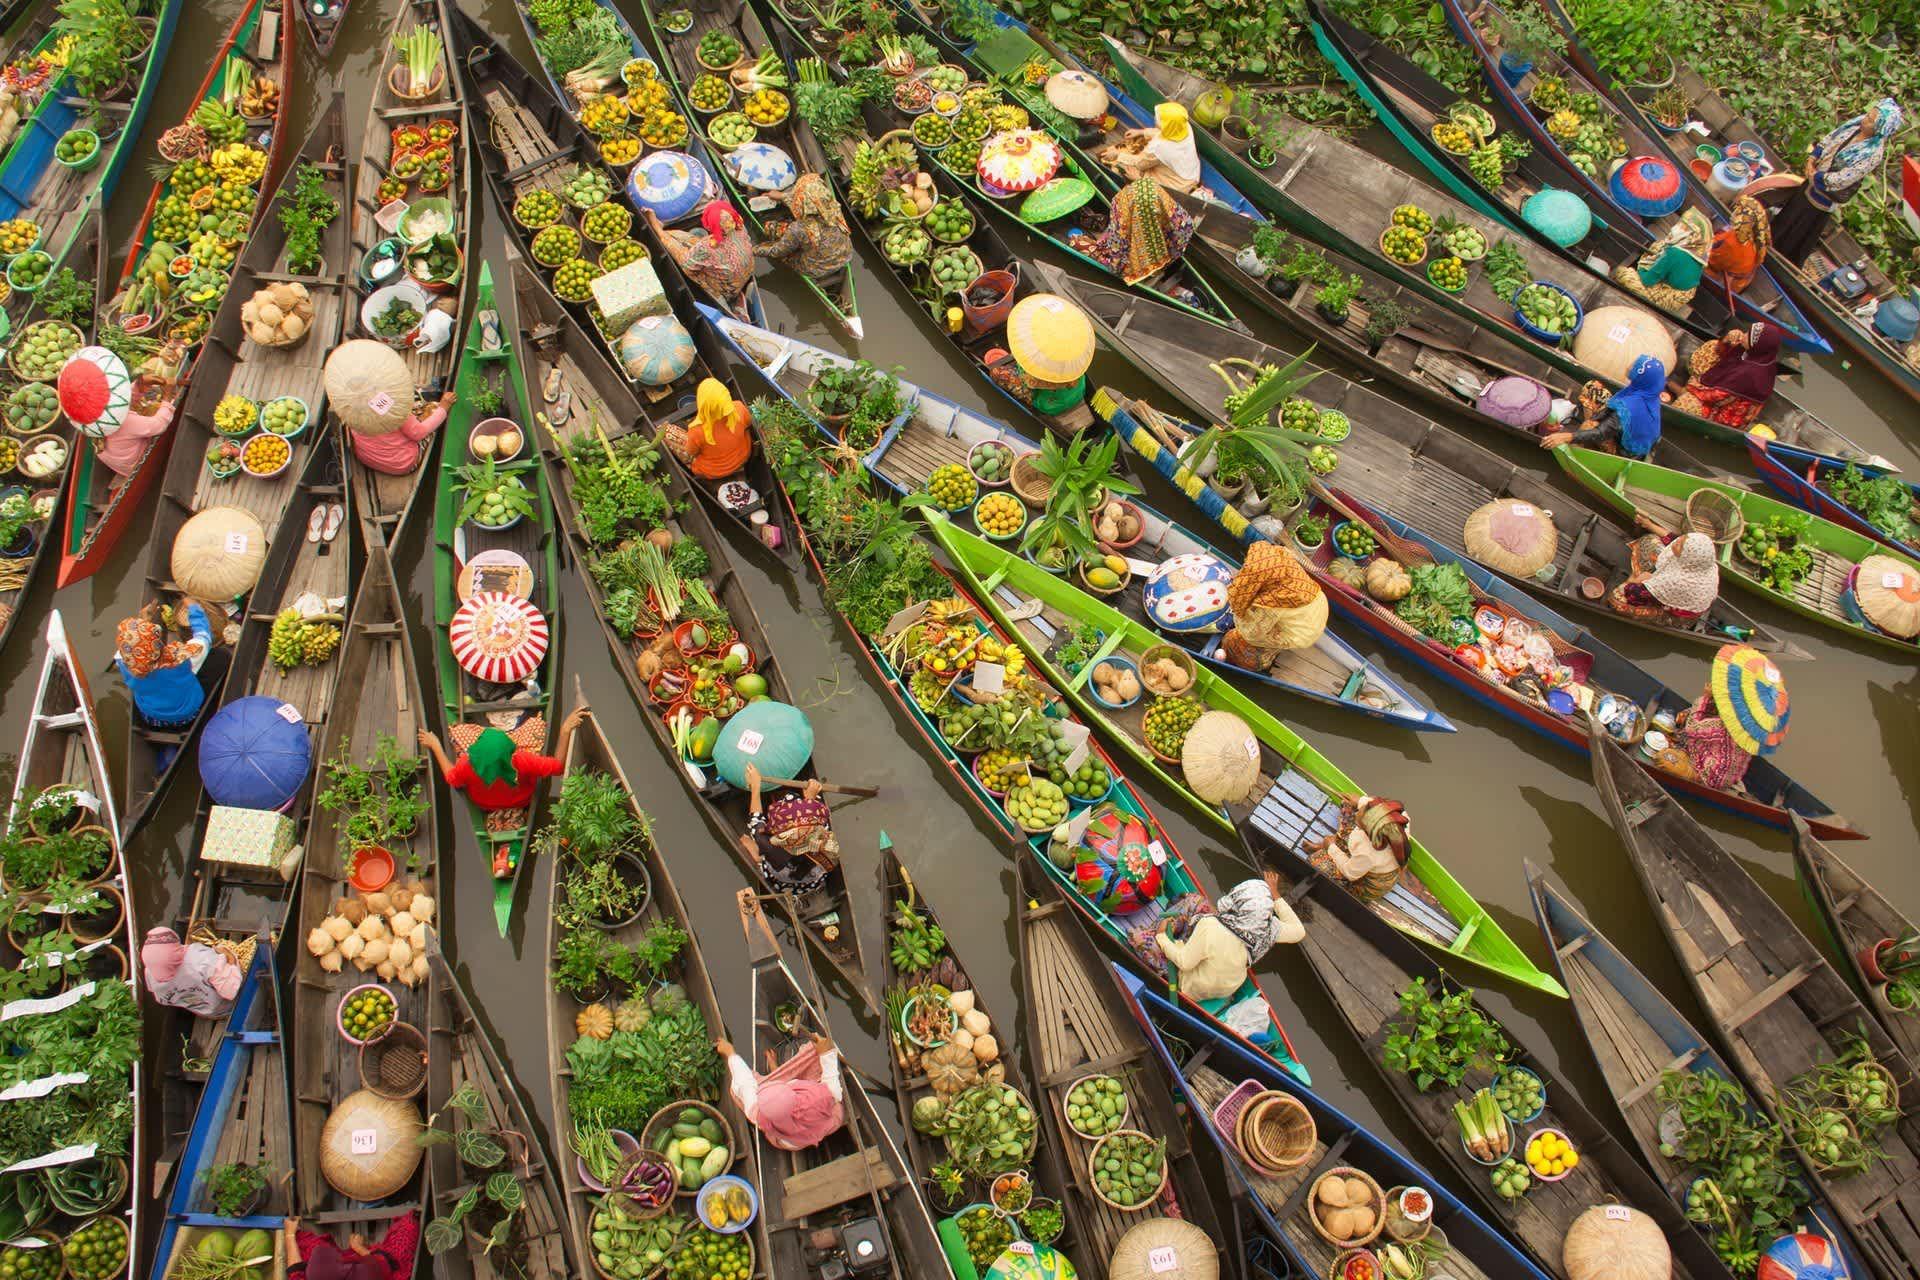 میوه های عجیب و غریب آسیای جنوب شرقی